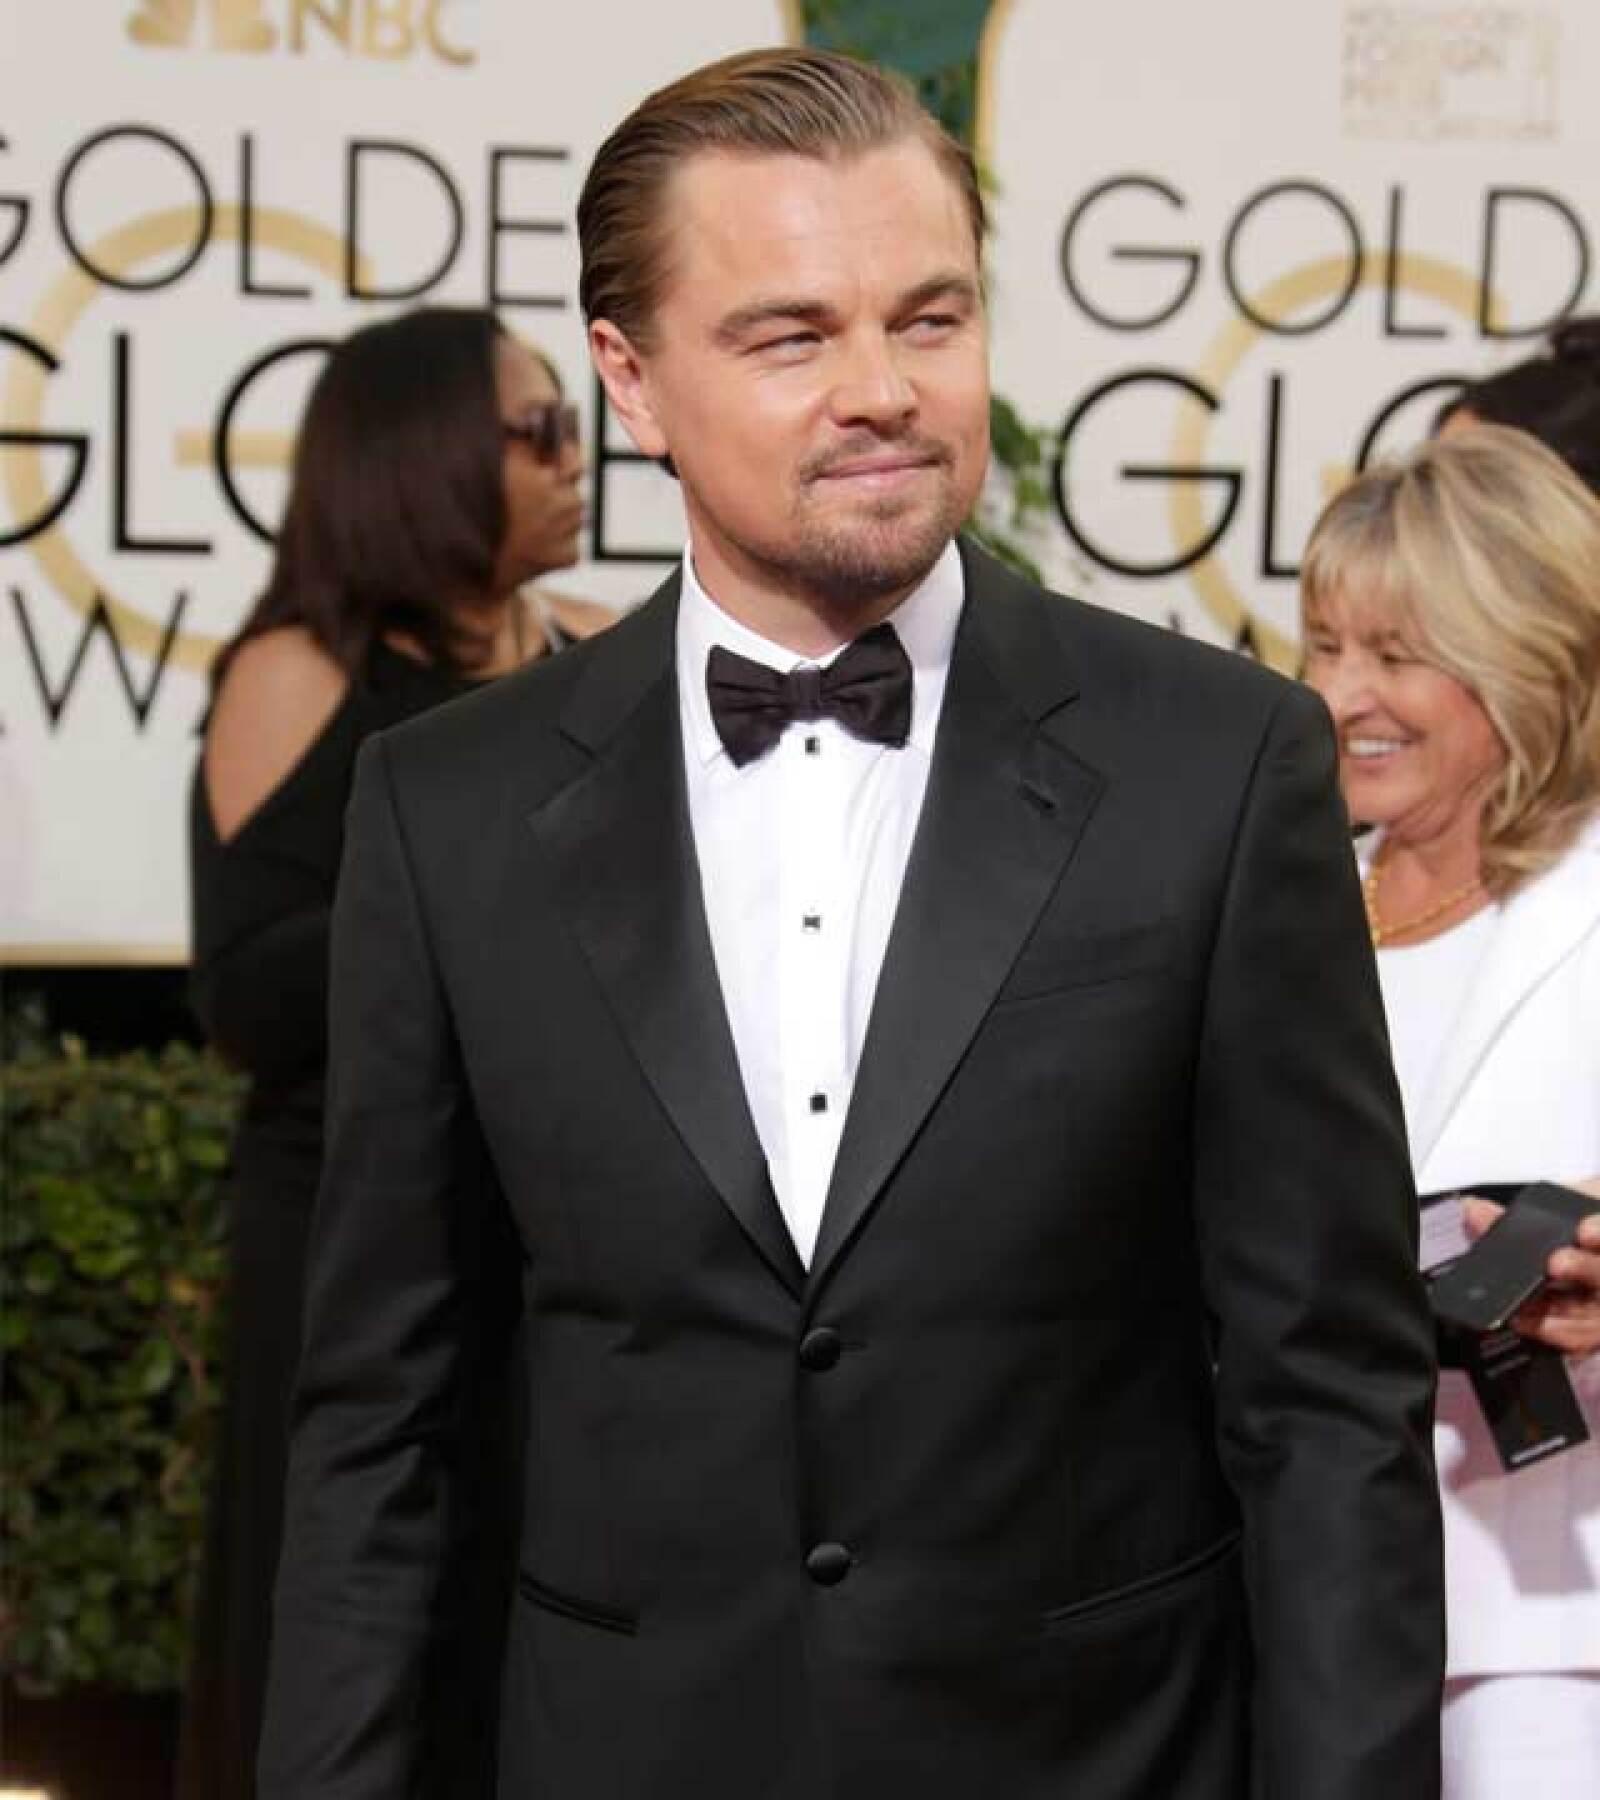 """Su papel en """"El Lobo de Wall Street"""" le valió un Globo de Oro a Mejor Actor este año."""